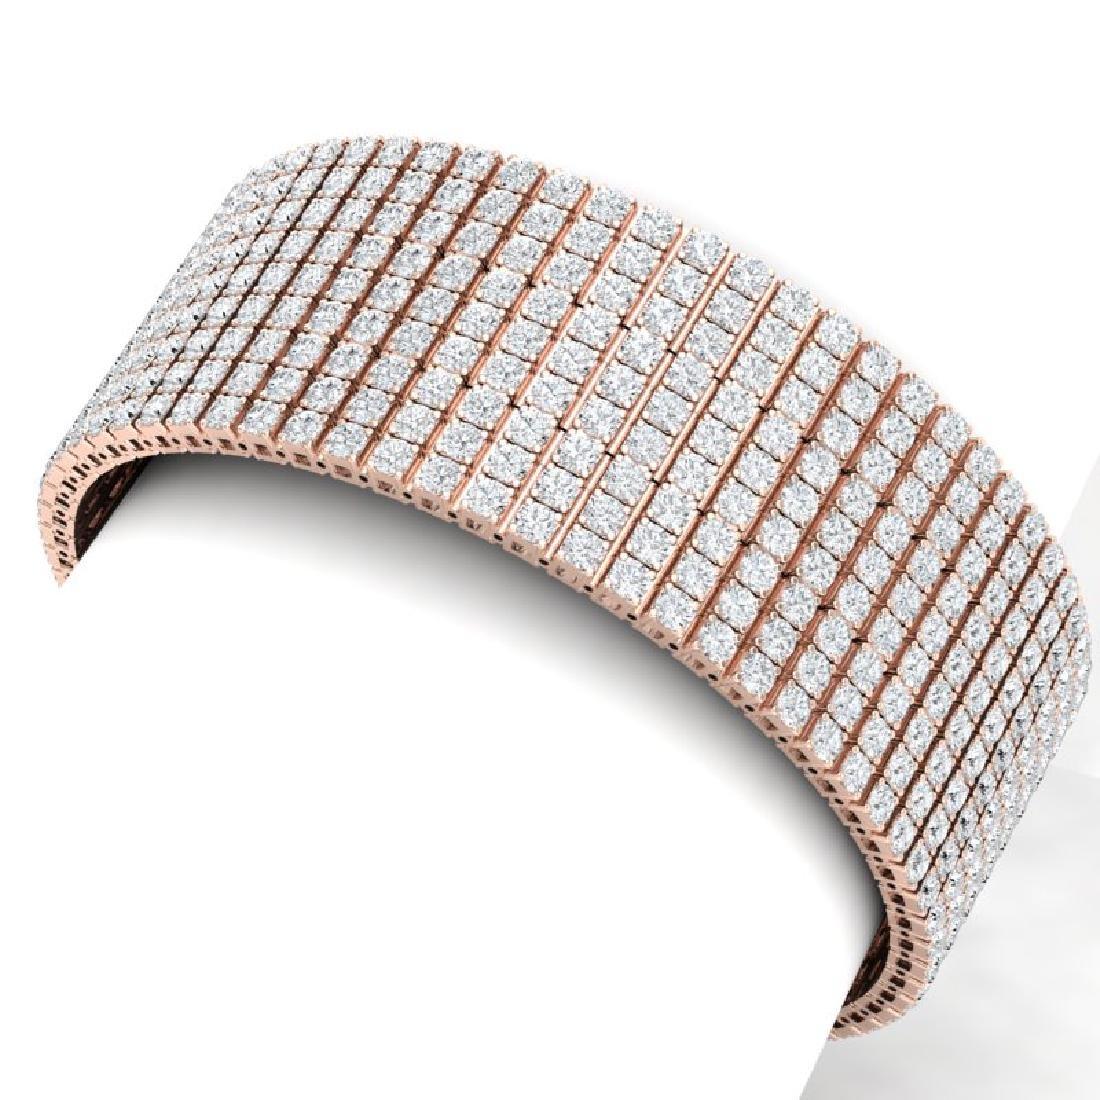 40 CTW Certified VS/SI Diamond Bracelet 18K Rose Gold